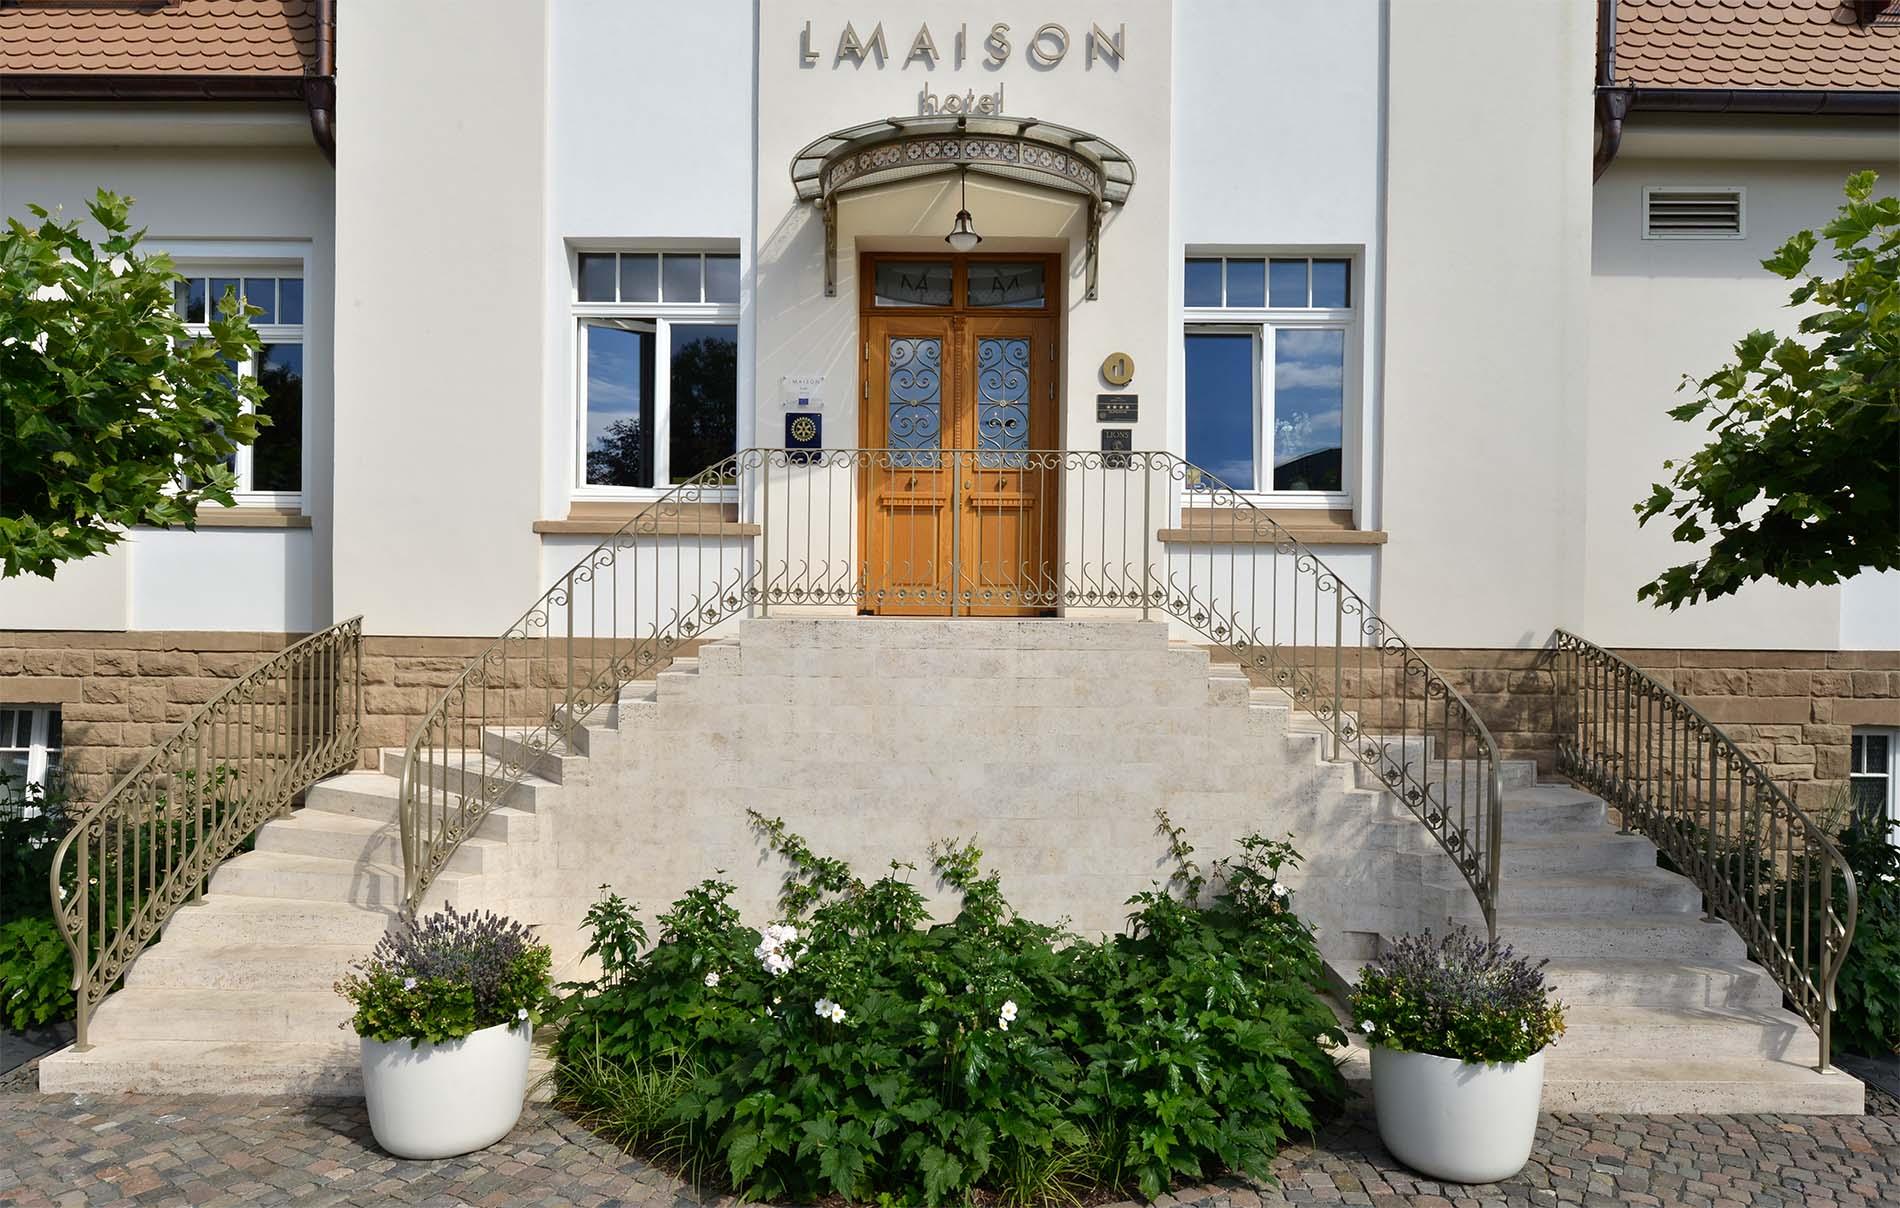 La Maison Hotel Saarlouis